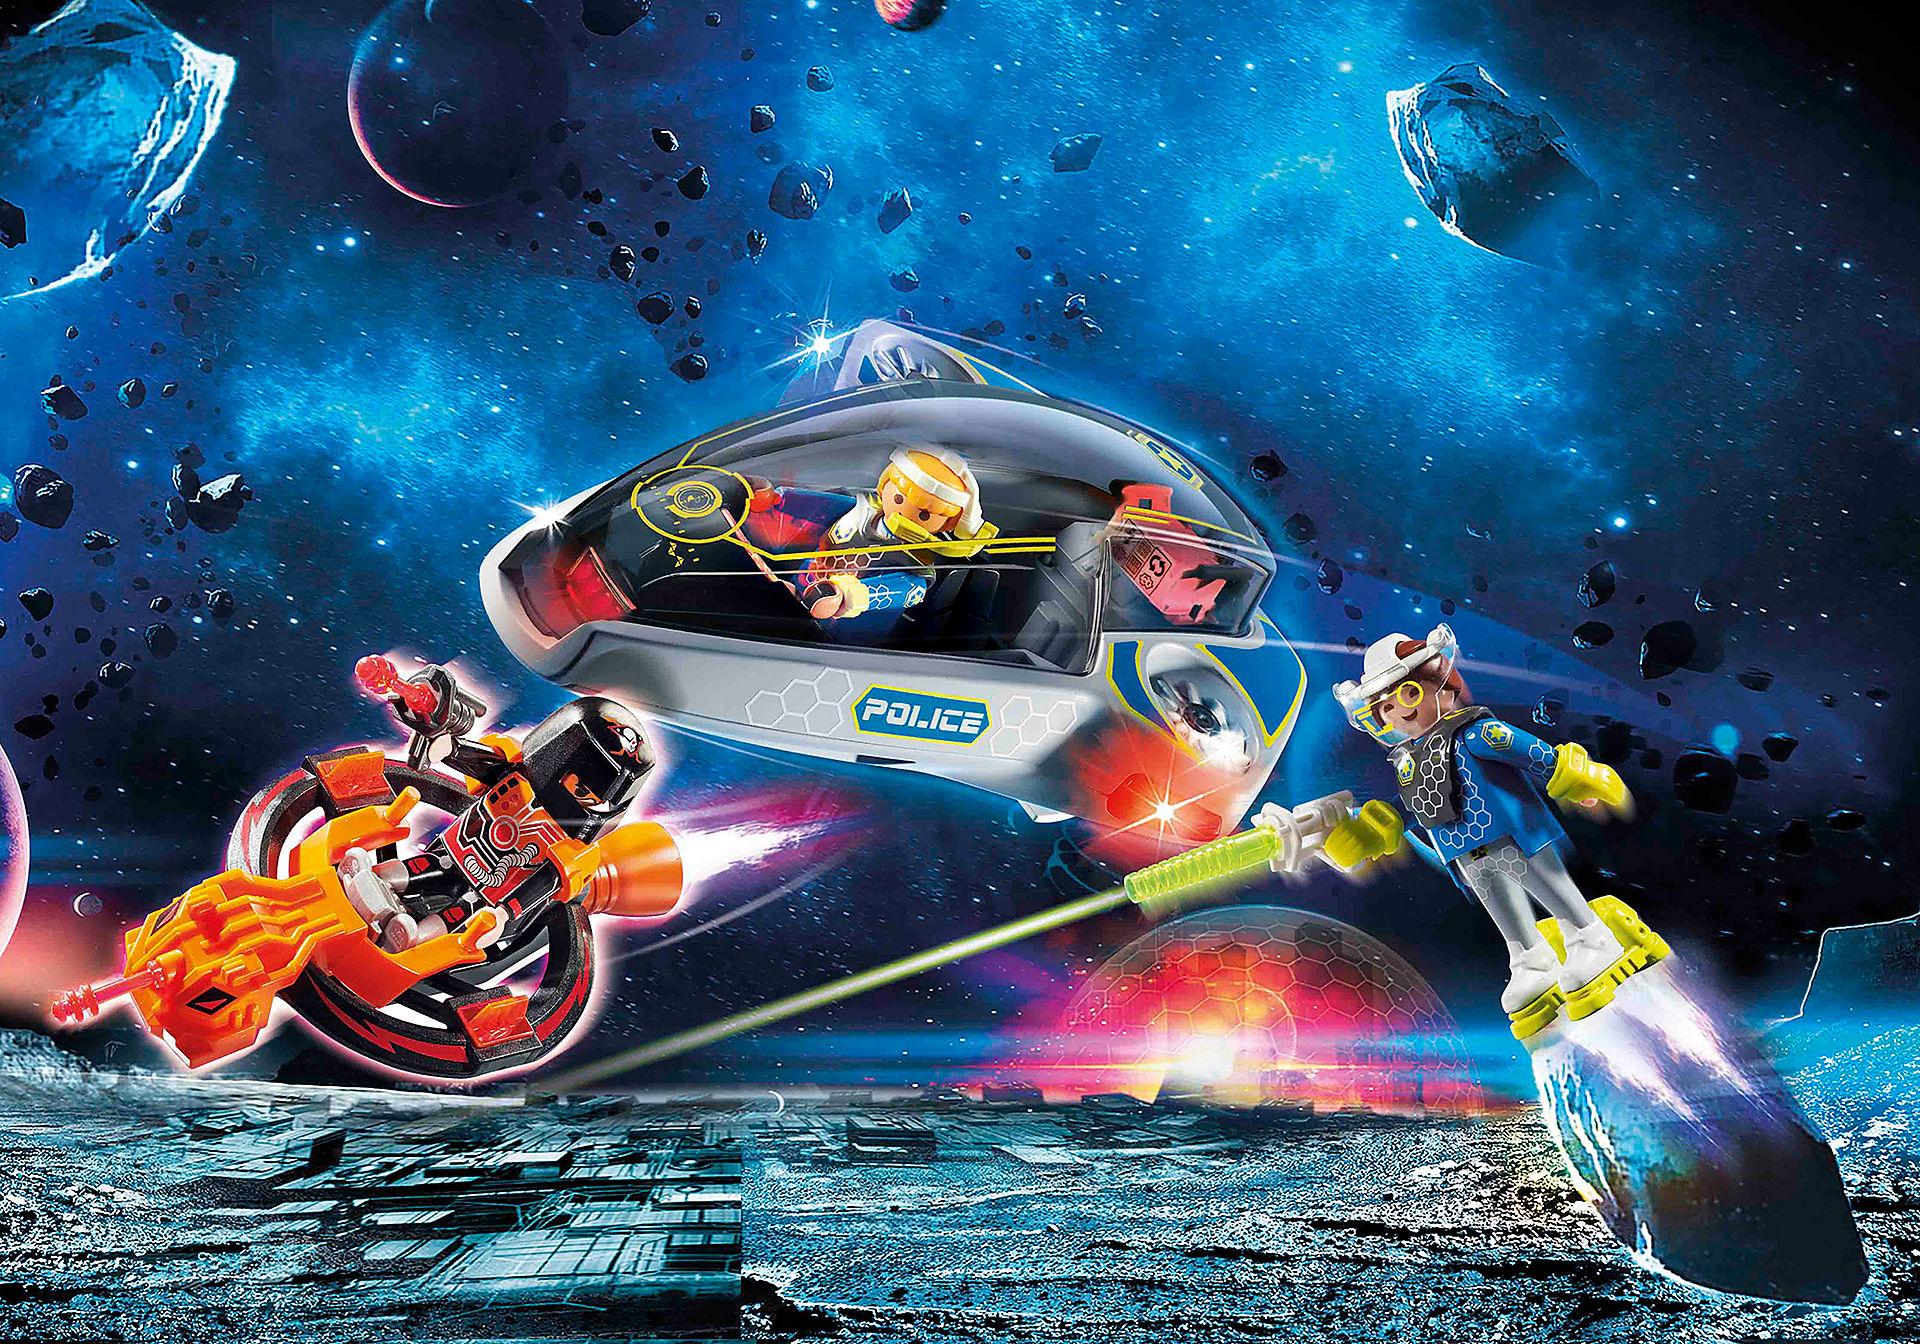 70019 Galaxy polisglidfordon zoom image1